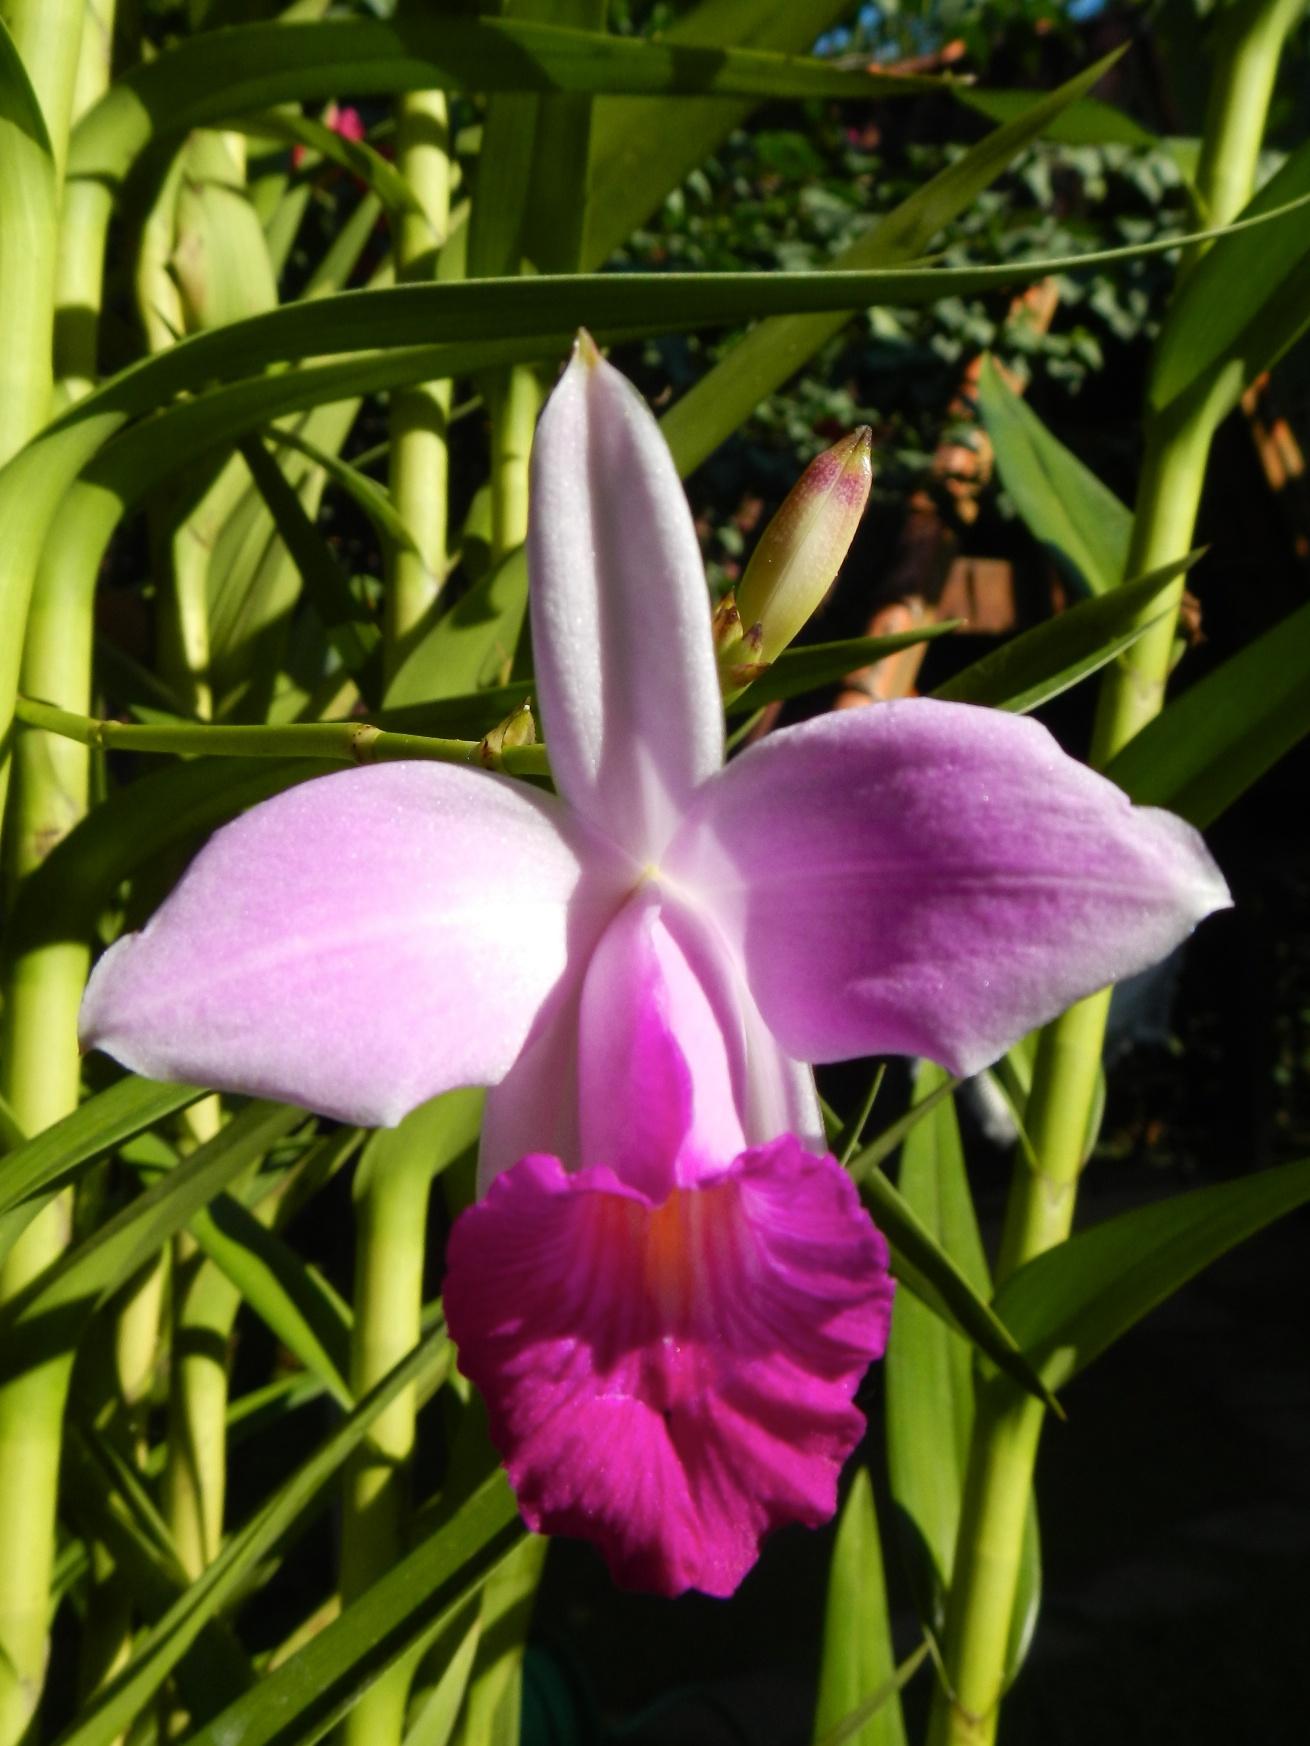 Orchid in Mata Nativa garden, Ilha Grande, Brazil, 11 April 2012